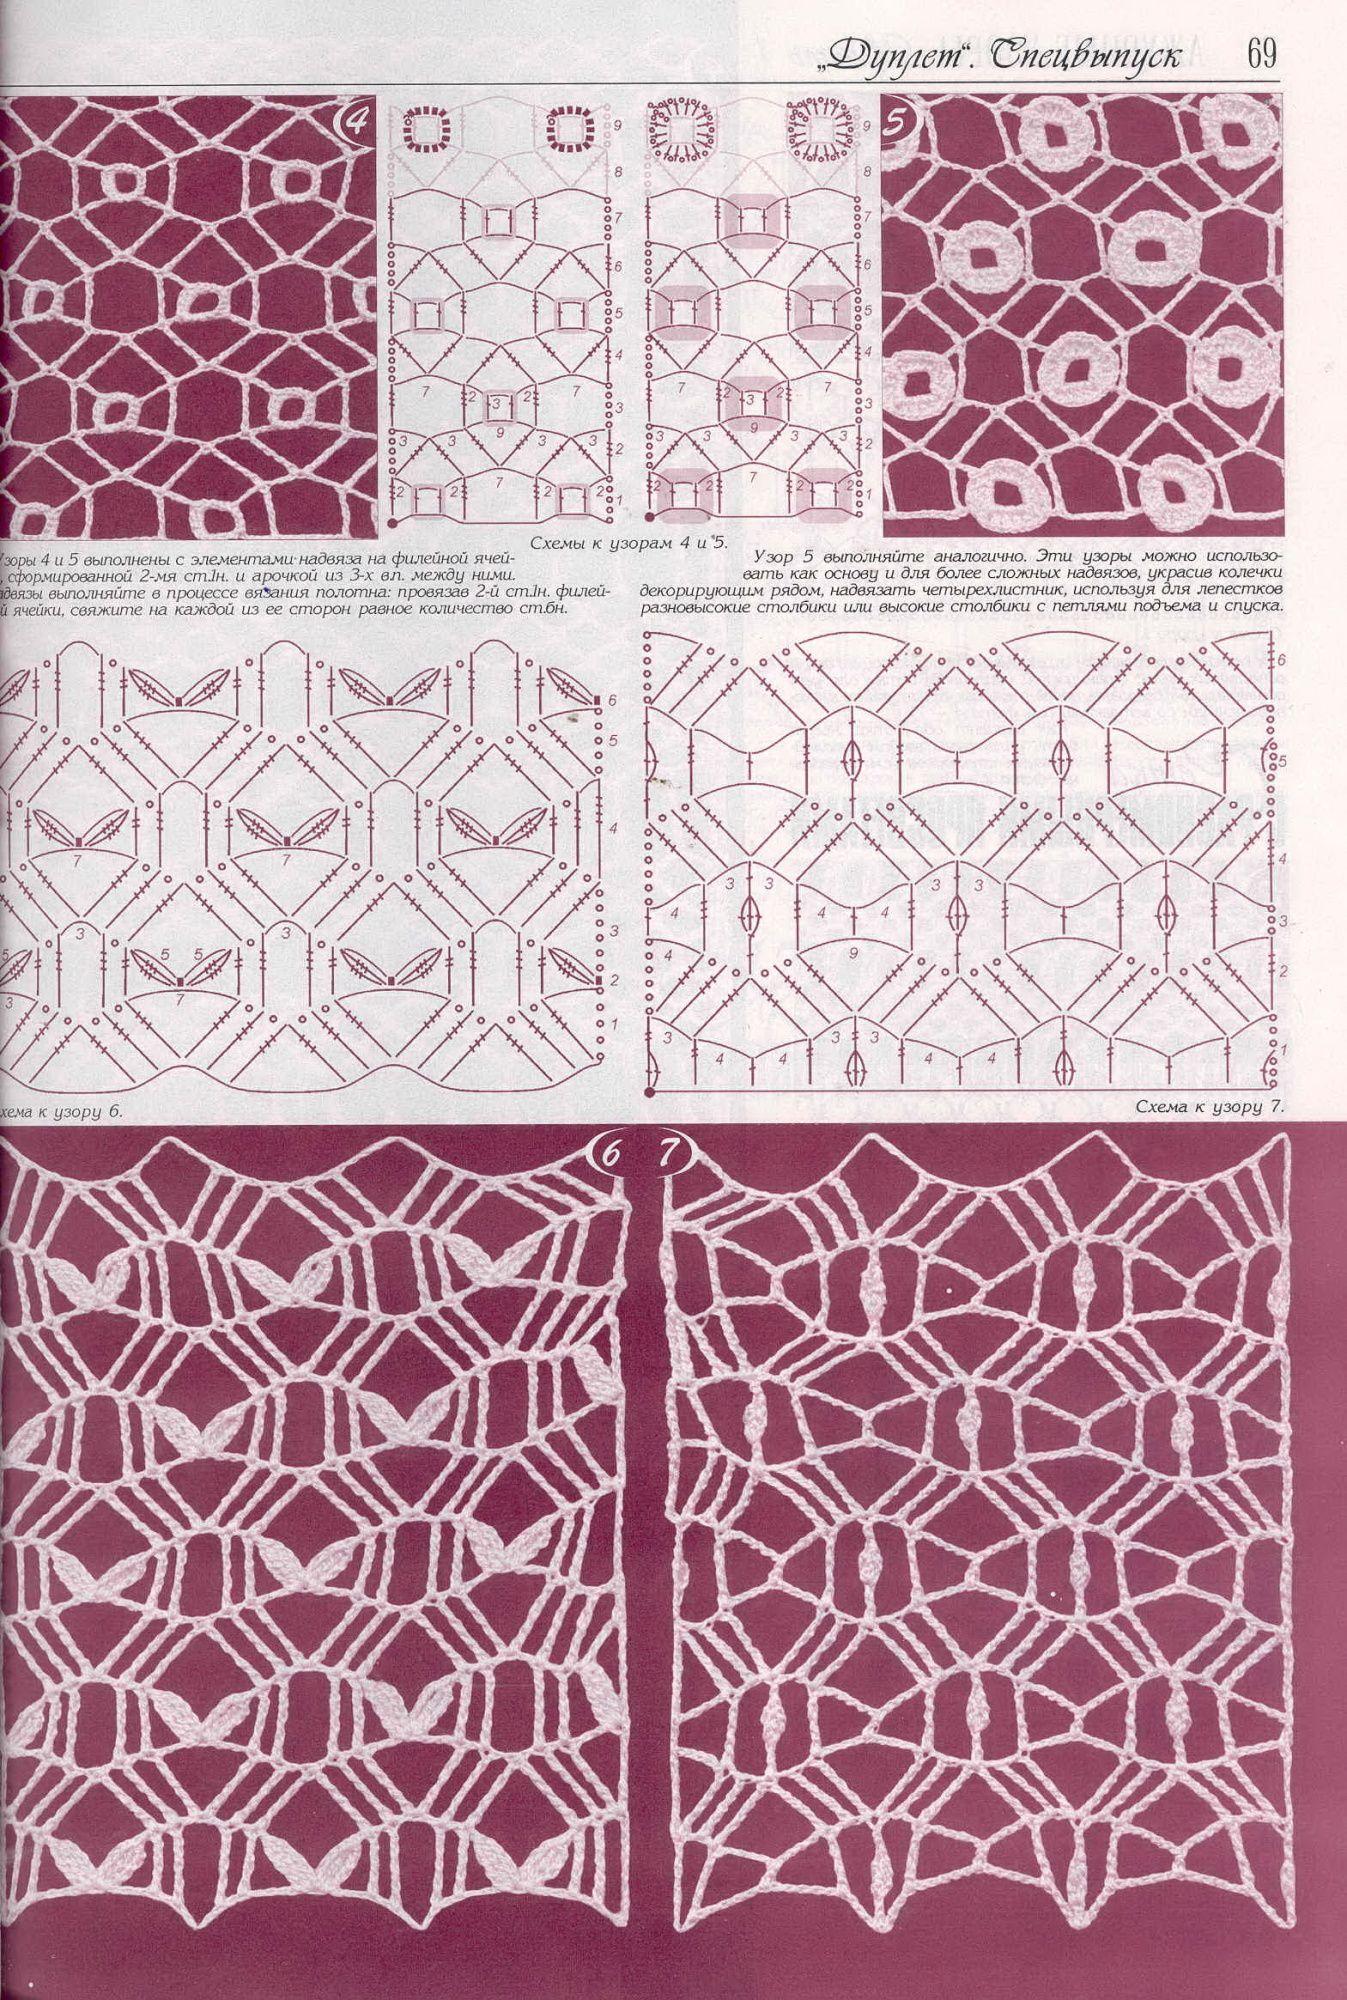 Pin de Eva Díaz Núñez en Crochet | Pinterest | Patrones libres de ...